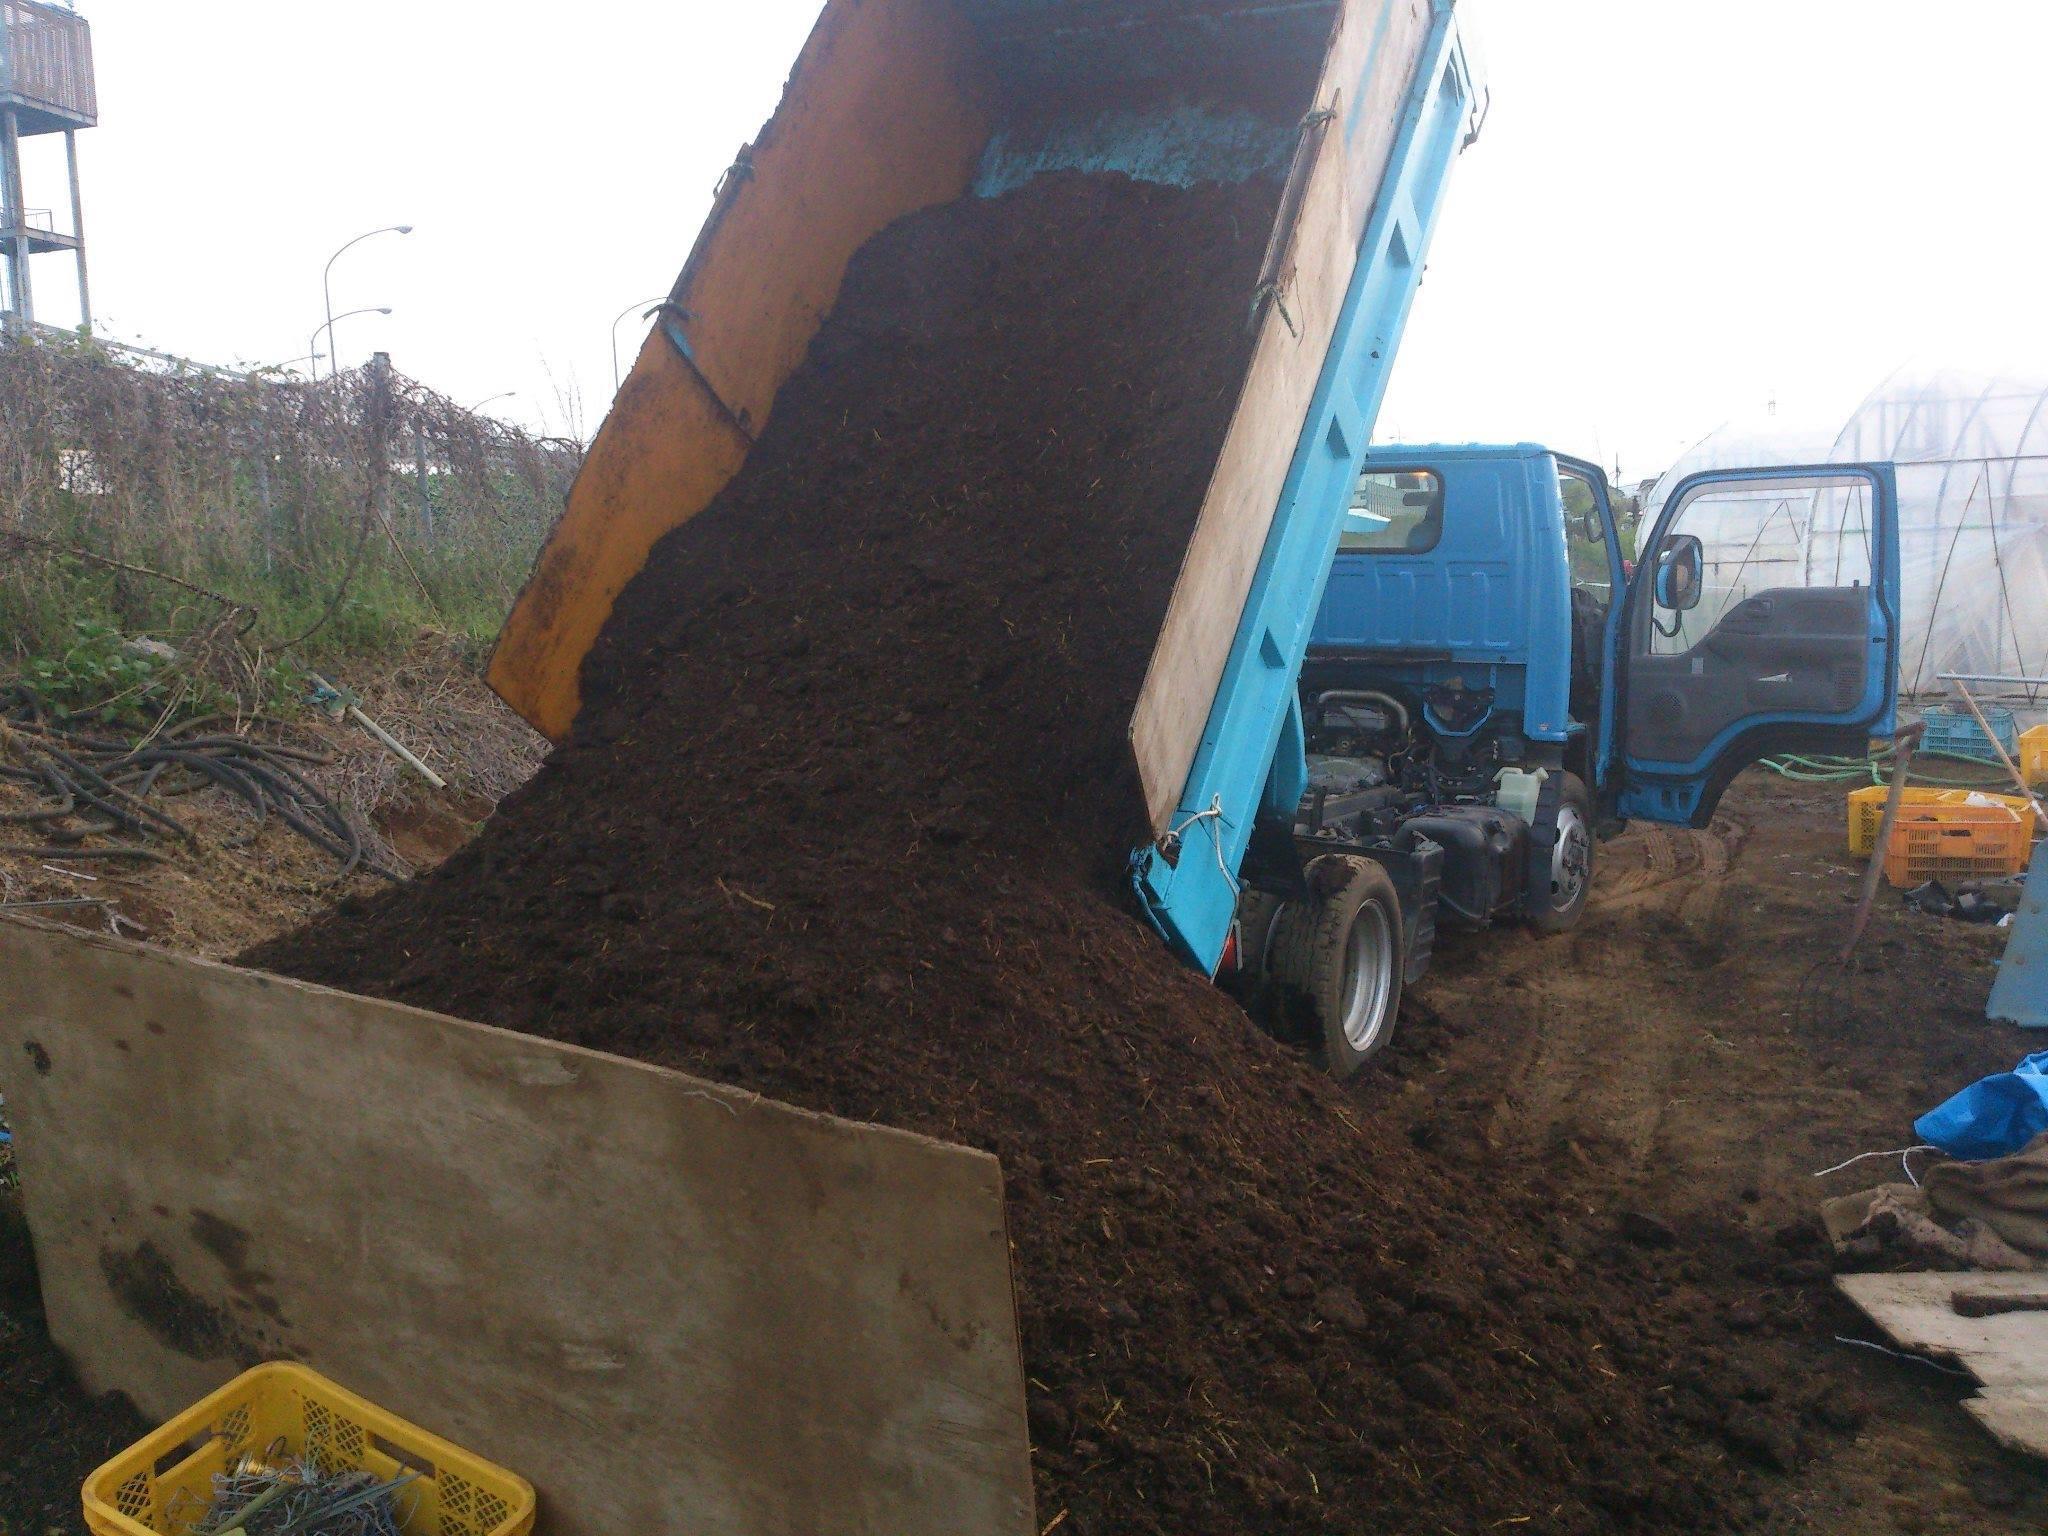 牛糞堆肥が運べたら来てほしいとのことだった。